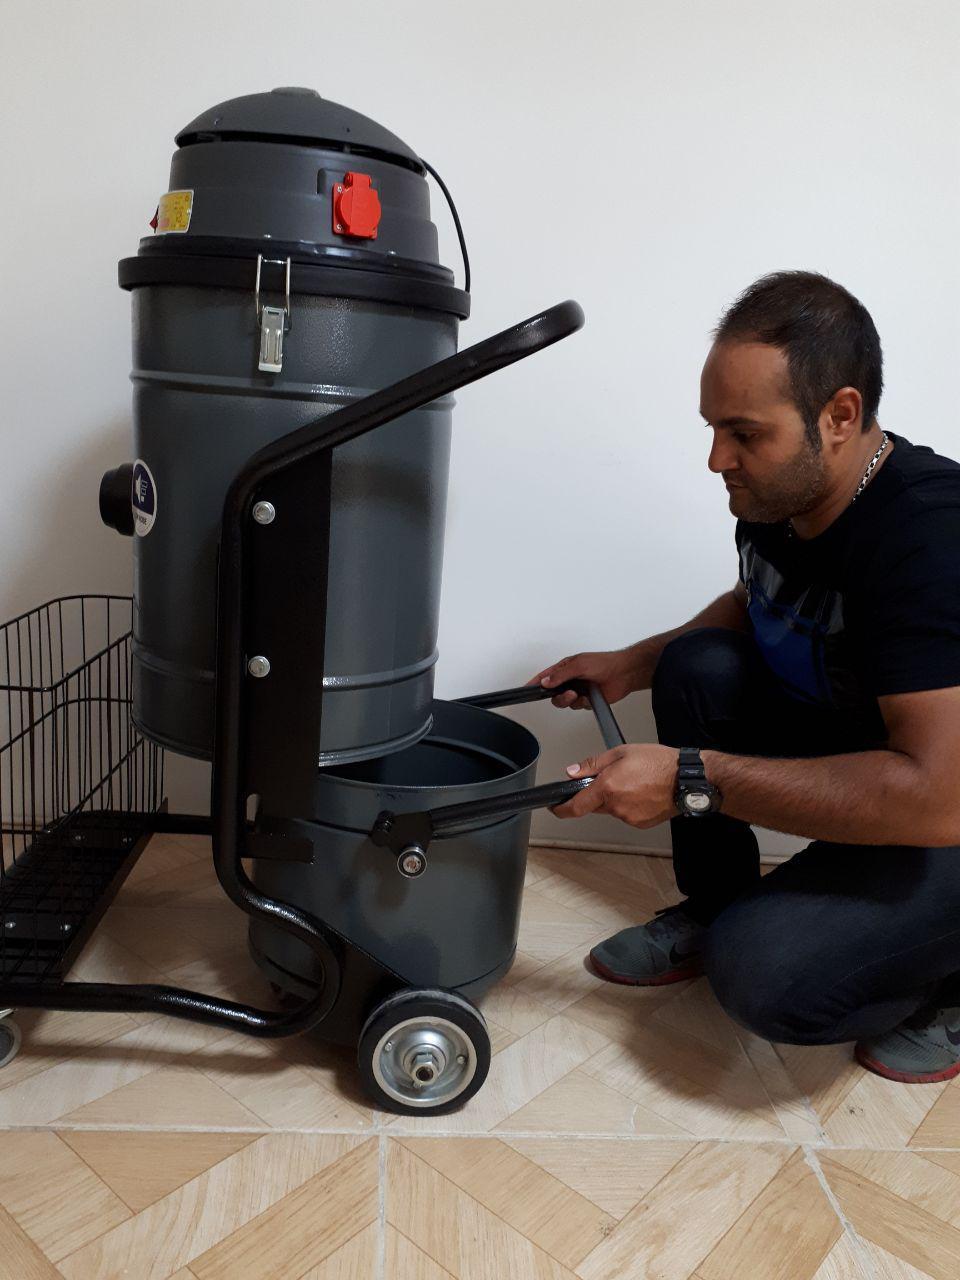 کاربرد دستگاه جاروبرقی آب و خاک